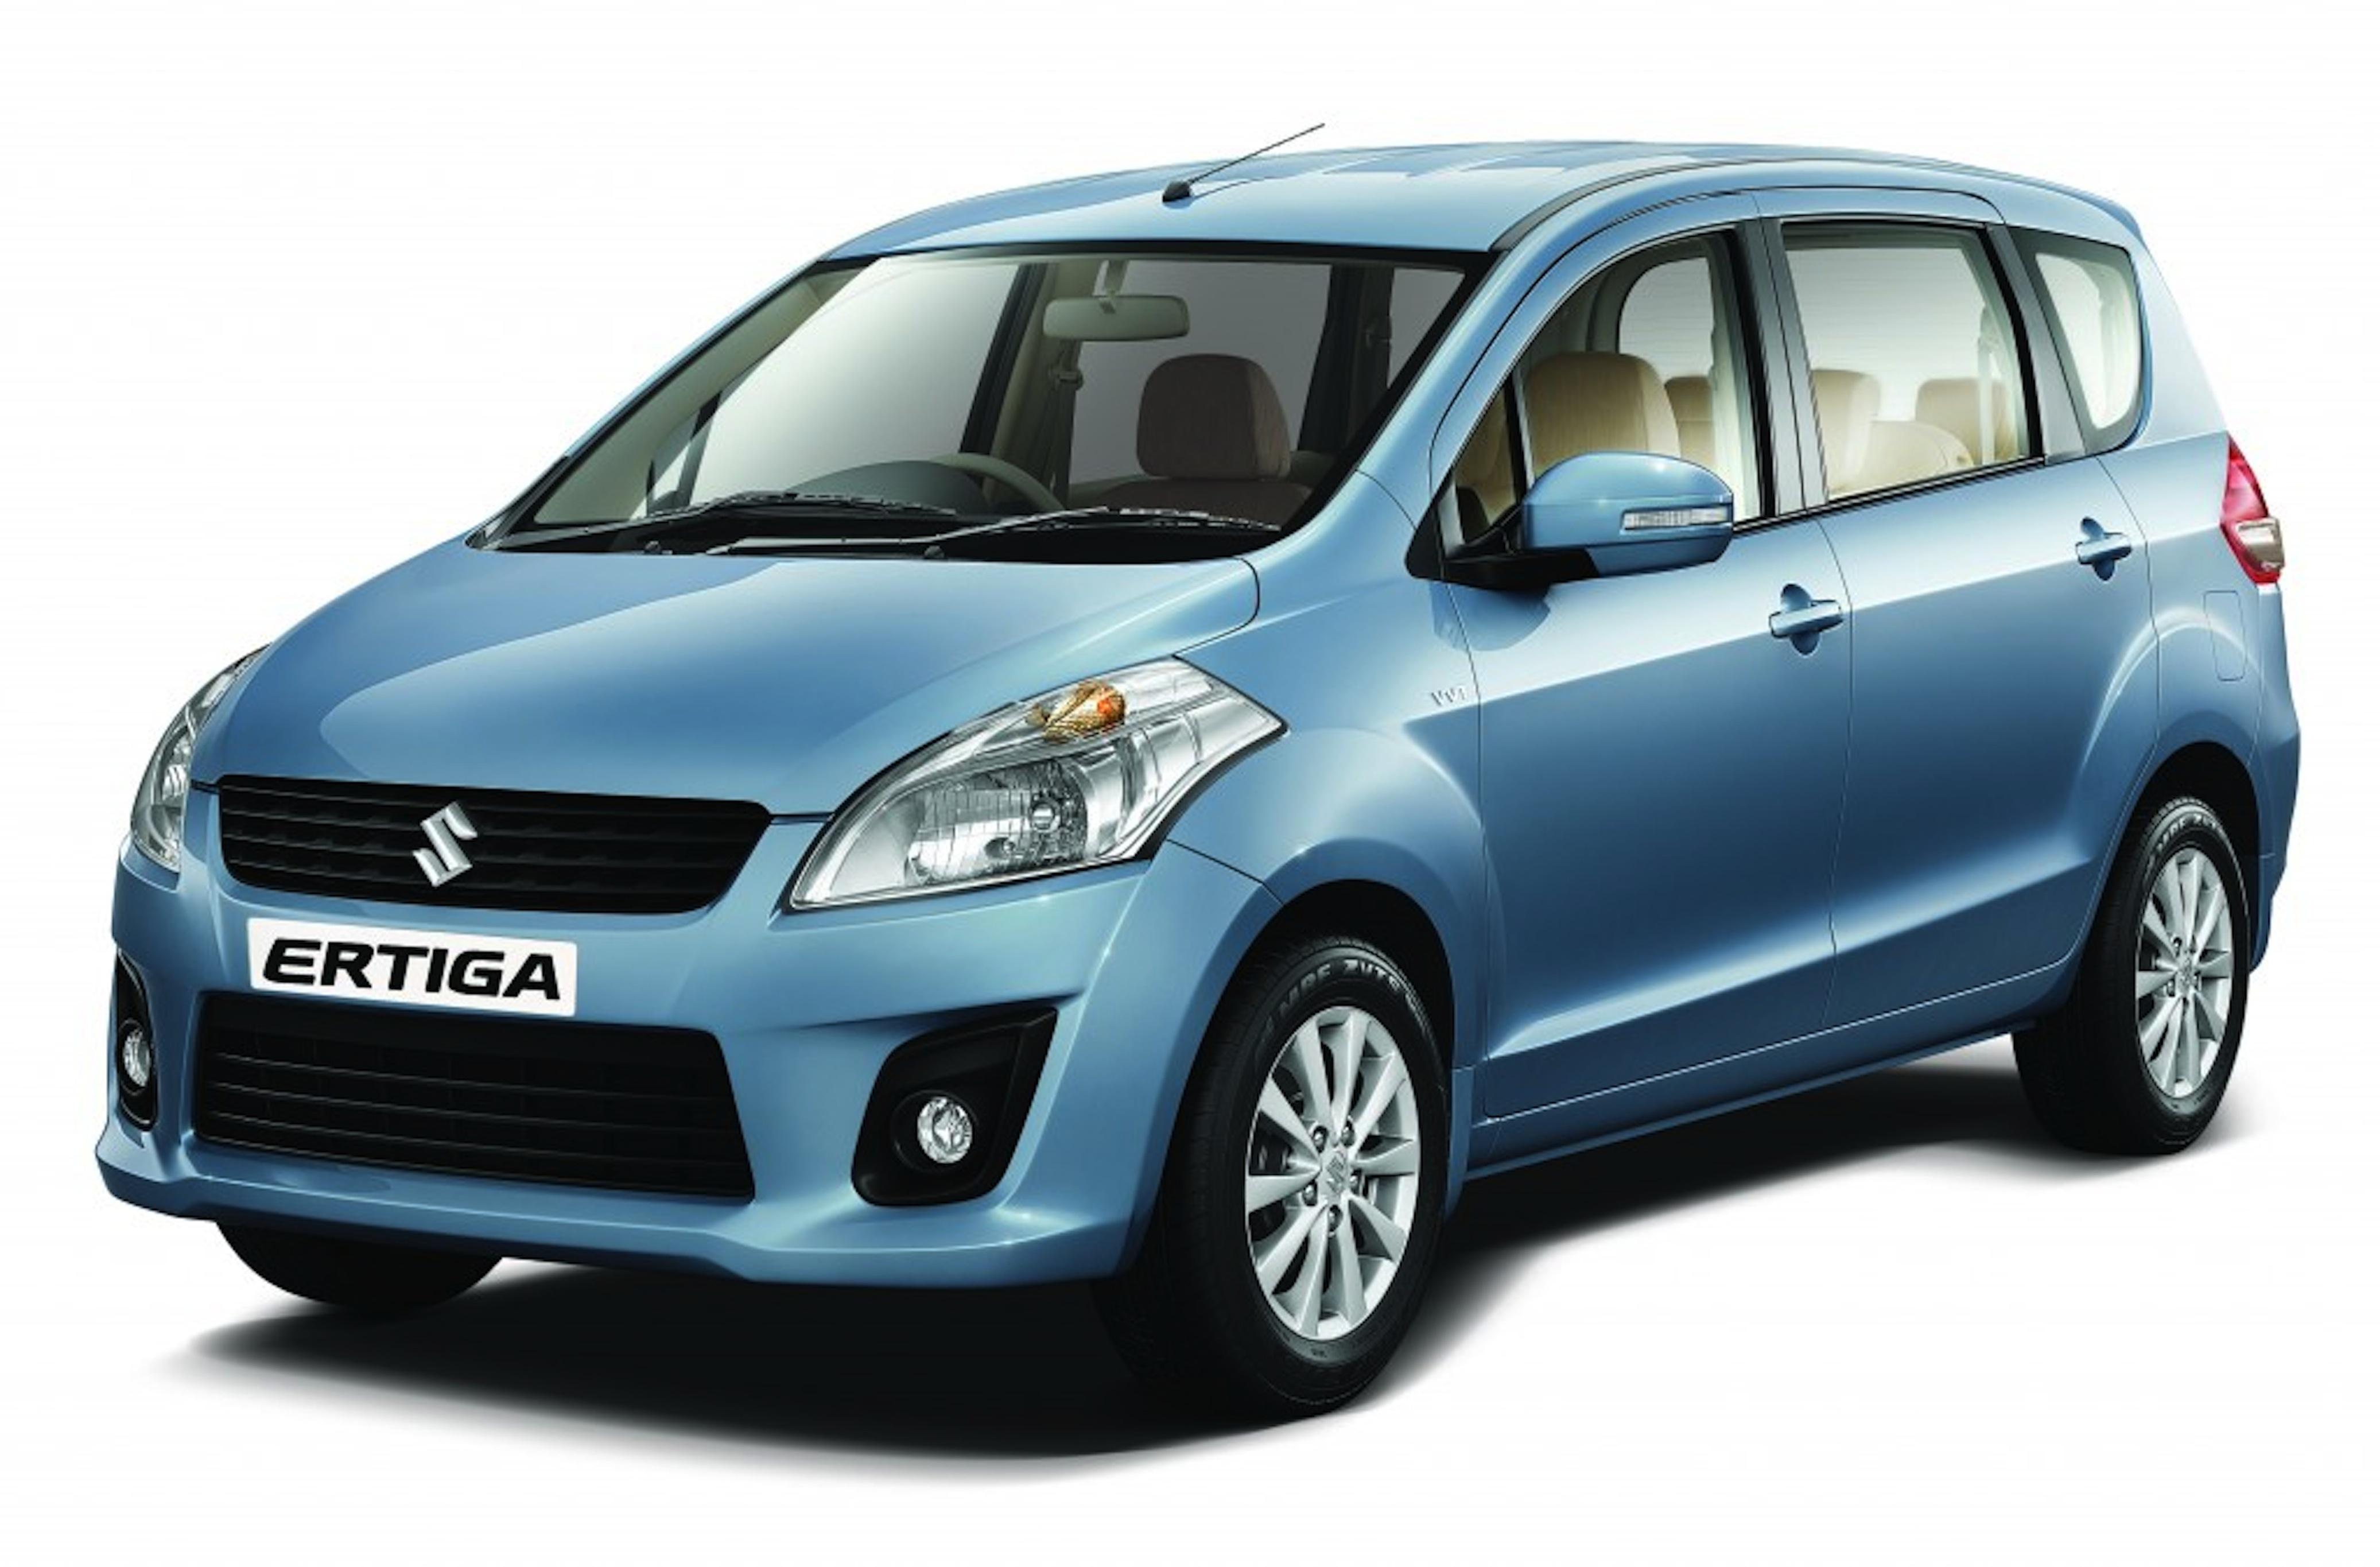 Suzuki Ertiga là mẫu xe 7 chỗ được trang bị hộp số tự động rẻ nhất trên thị trường